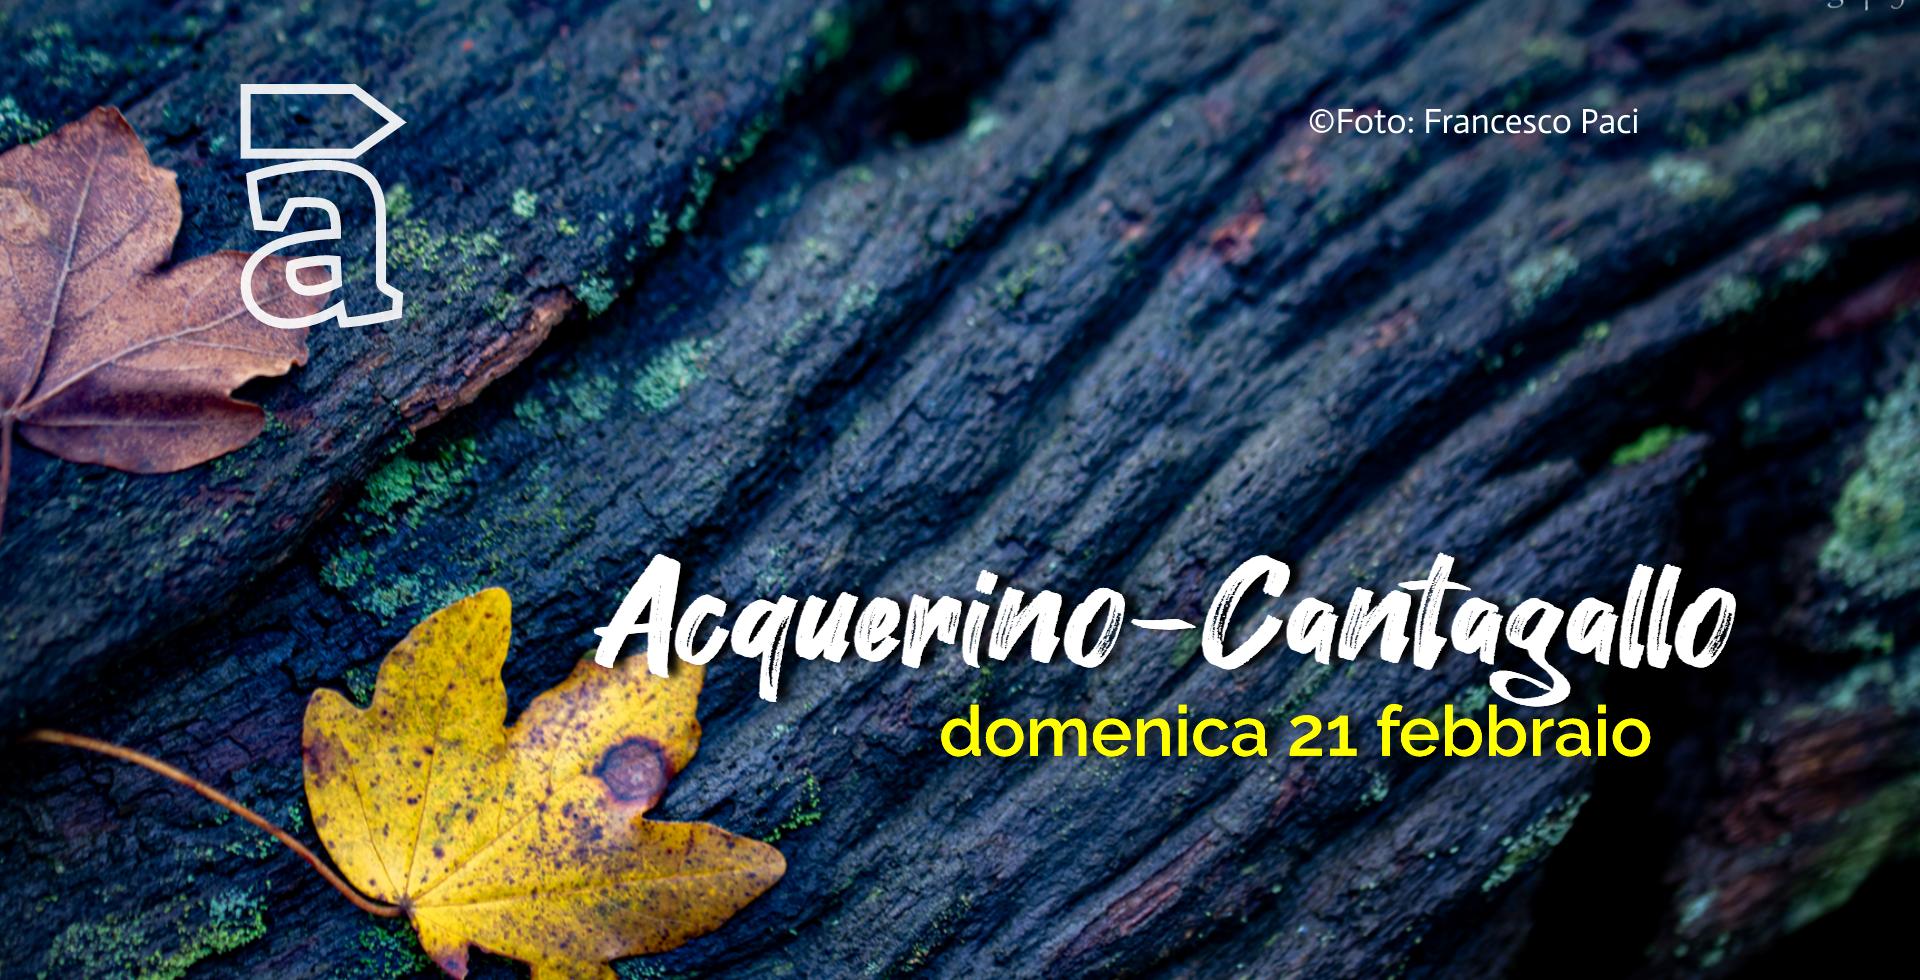 AcquerinoCantagallo_2020 (2).jpg